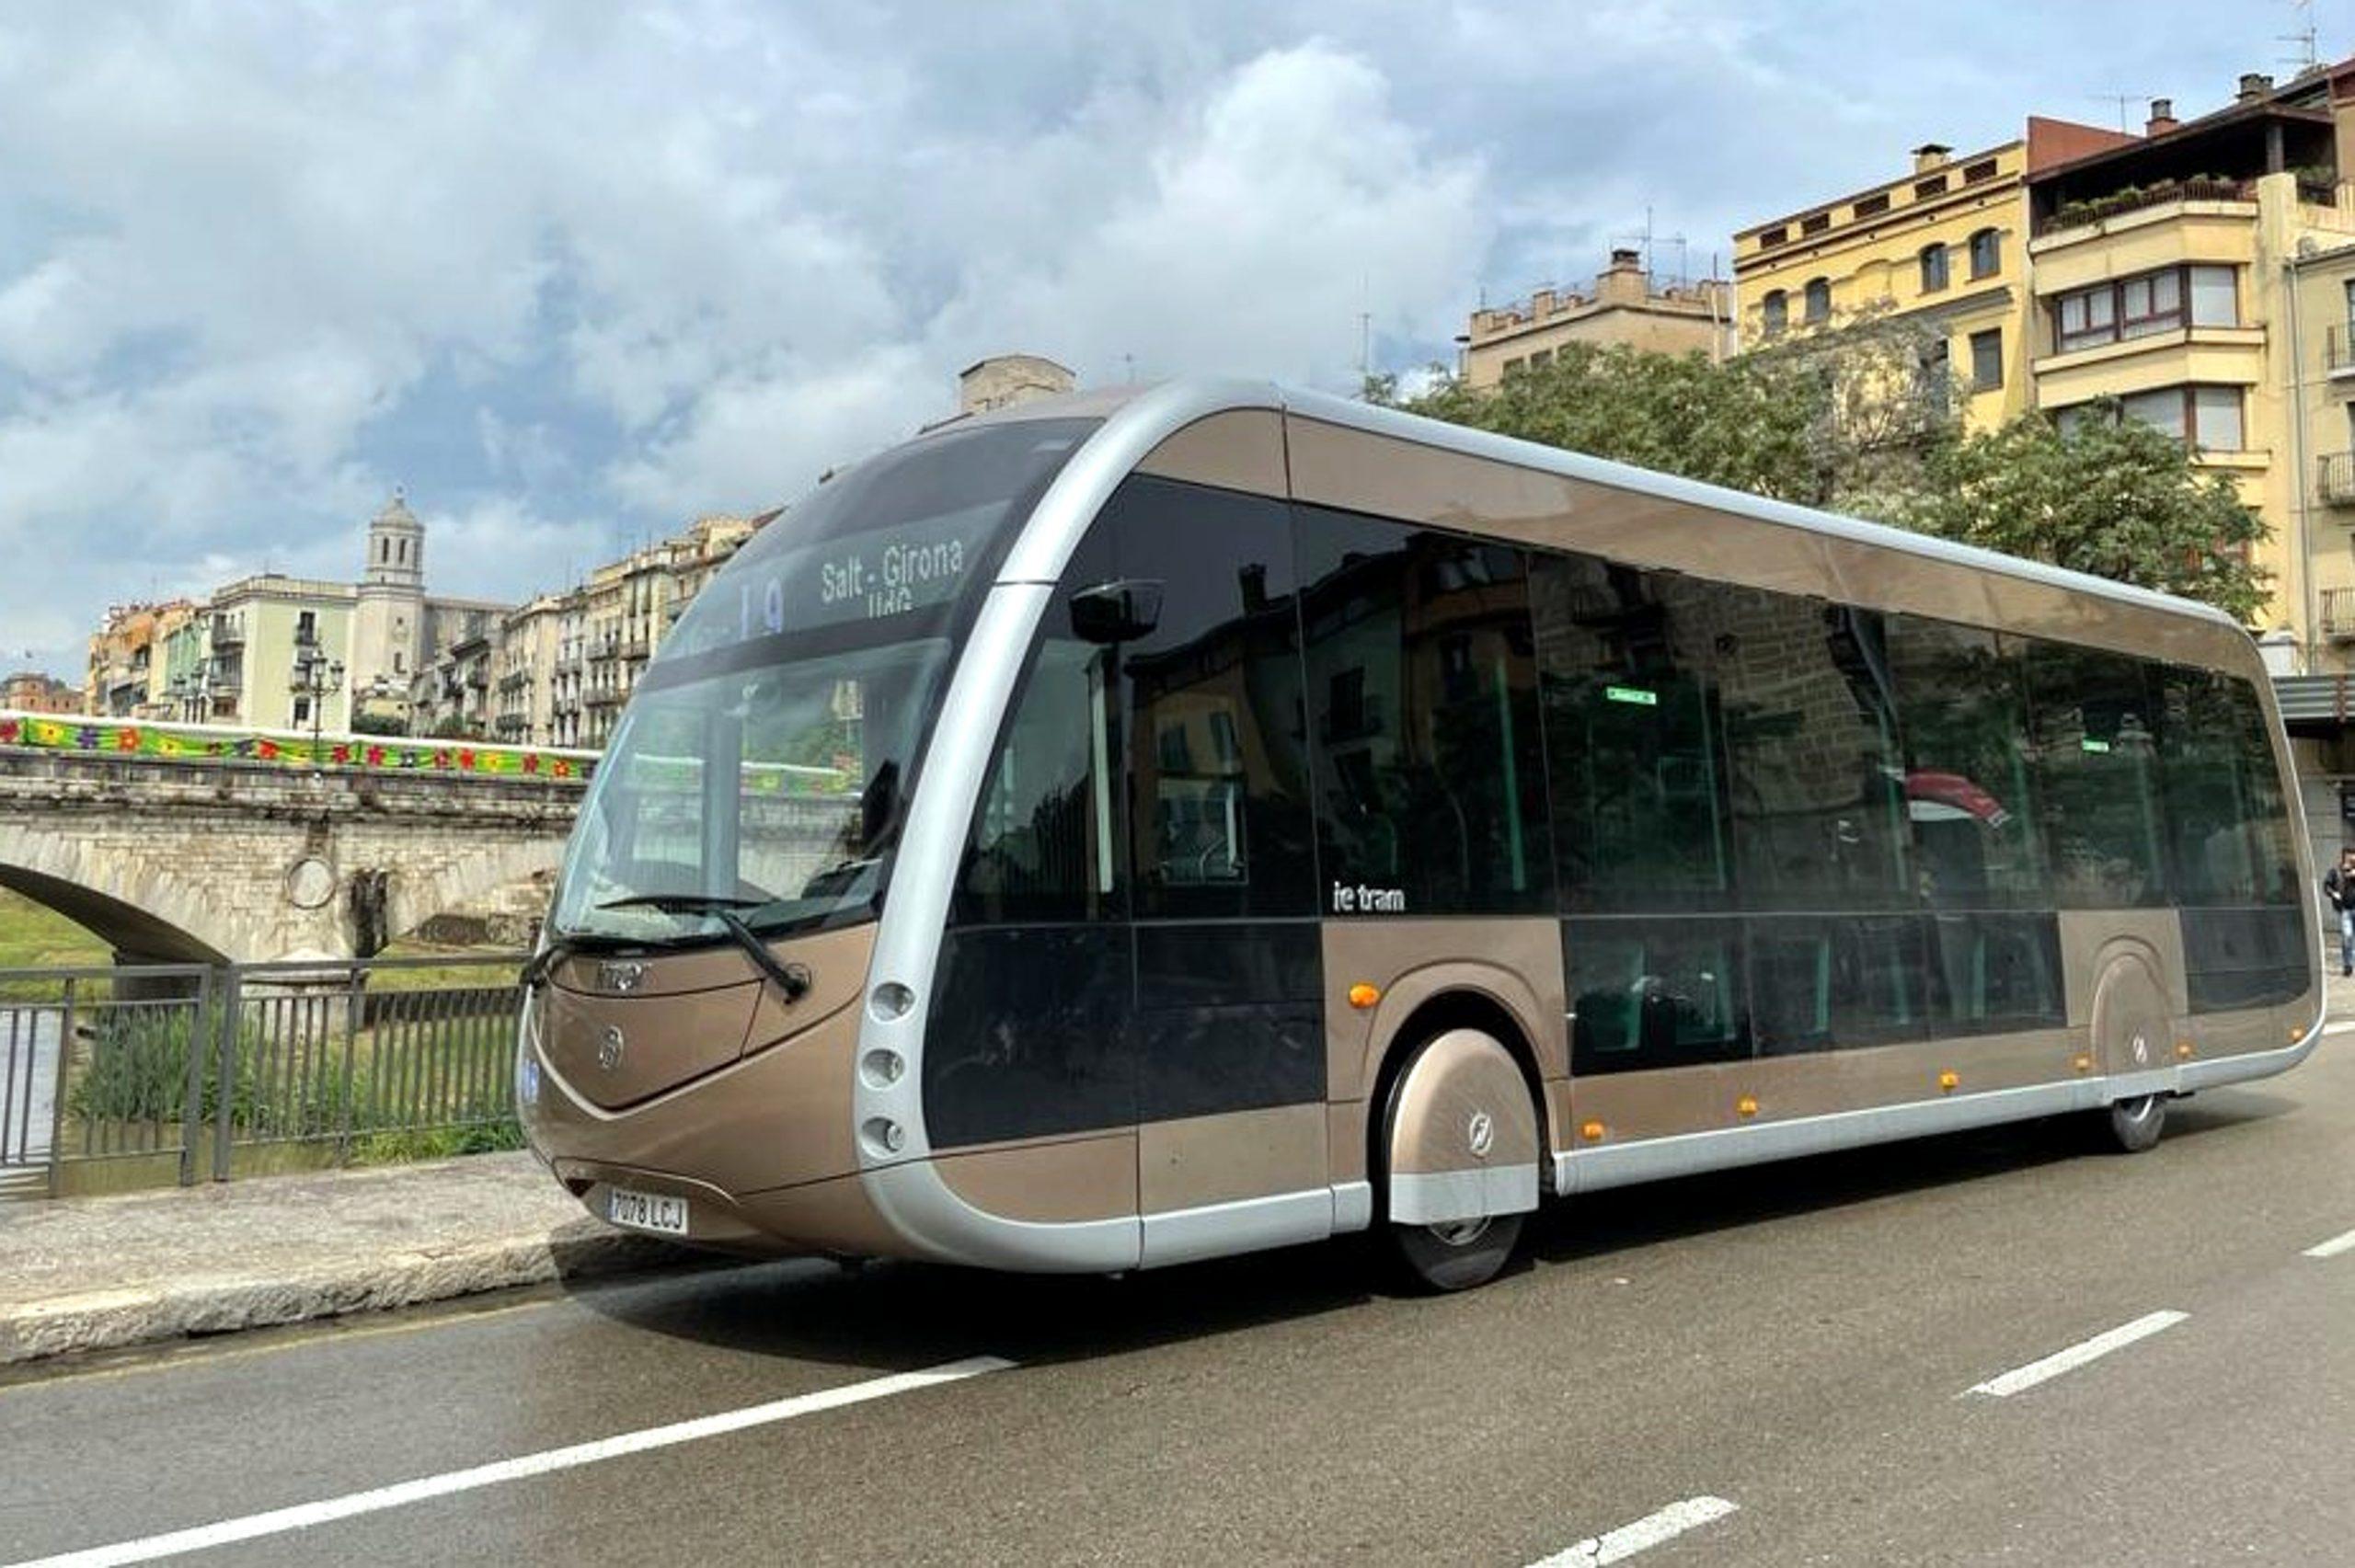 L'ieTram del fabricant Irizar circulant per Girona. És un dels models d'autobús 100% elèctric amb el qual Teisa està fent proves | ACN